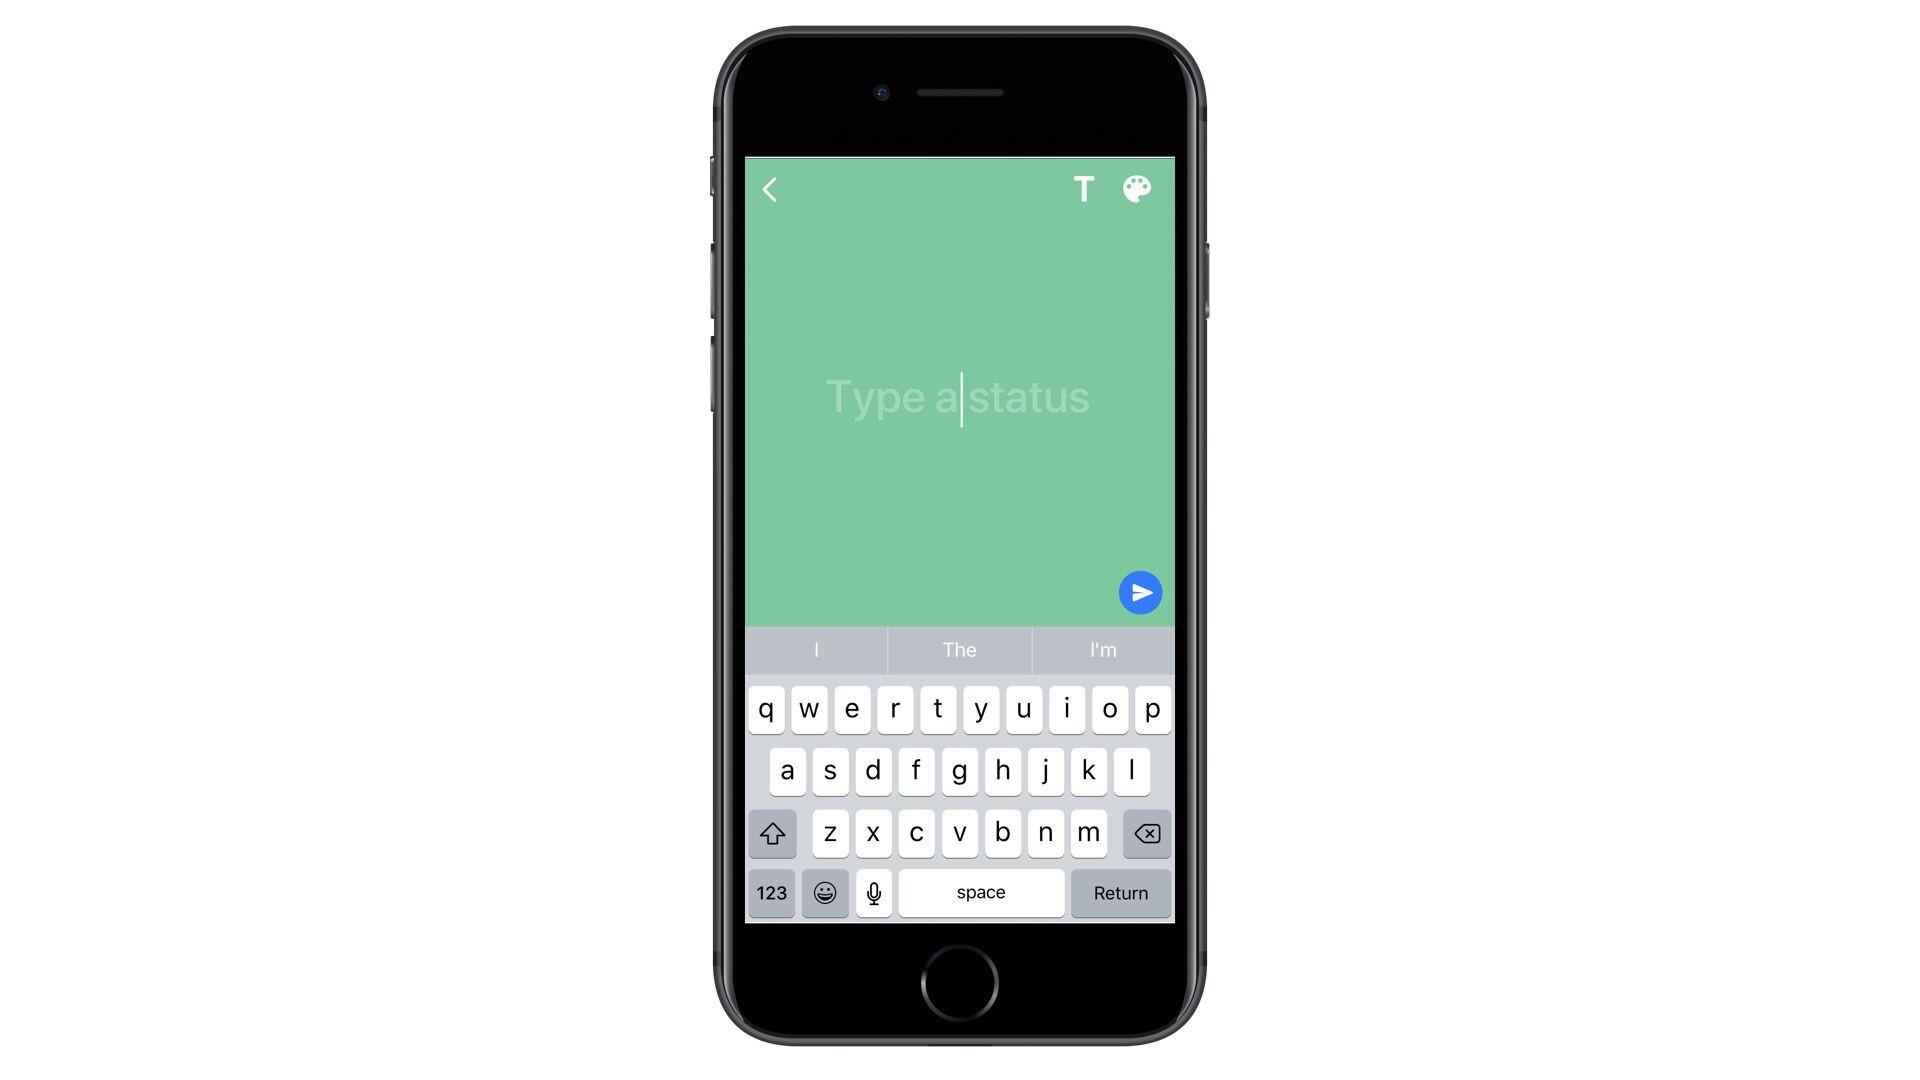 1503381207_whatsapp-text-based-status-updates-1.jpg